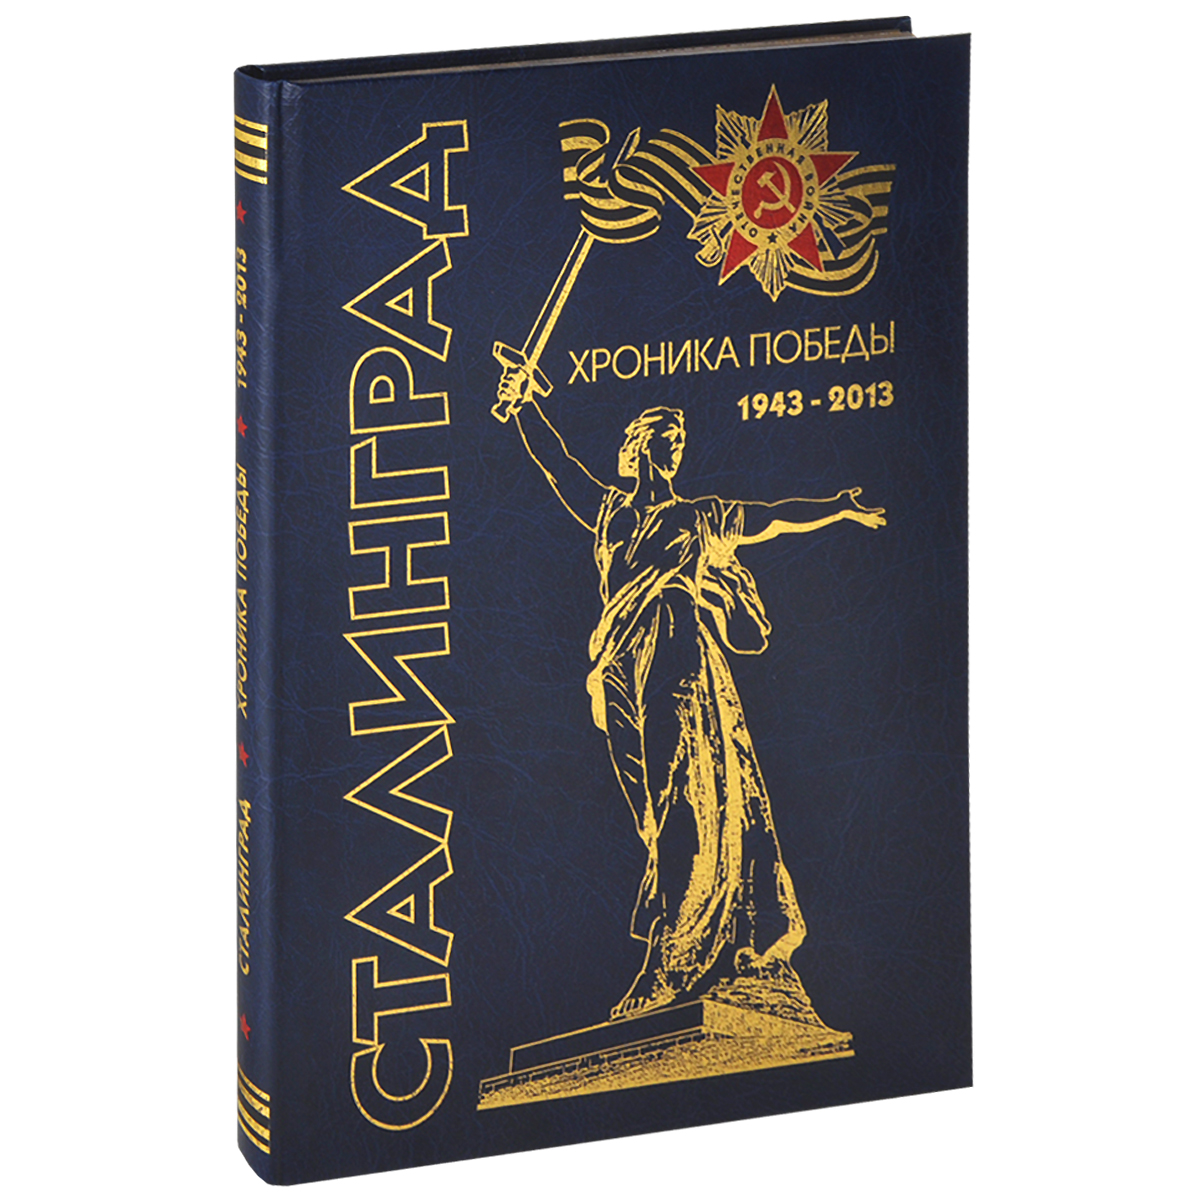 Сталинград. Хроника победы. 1943-2013 (подарочное издание)